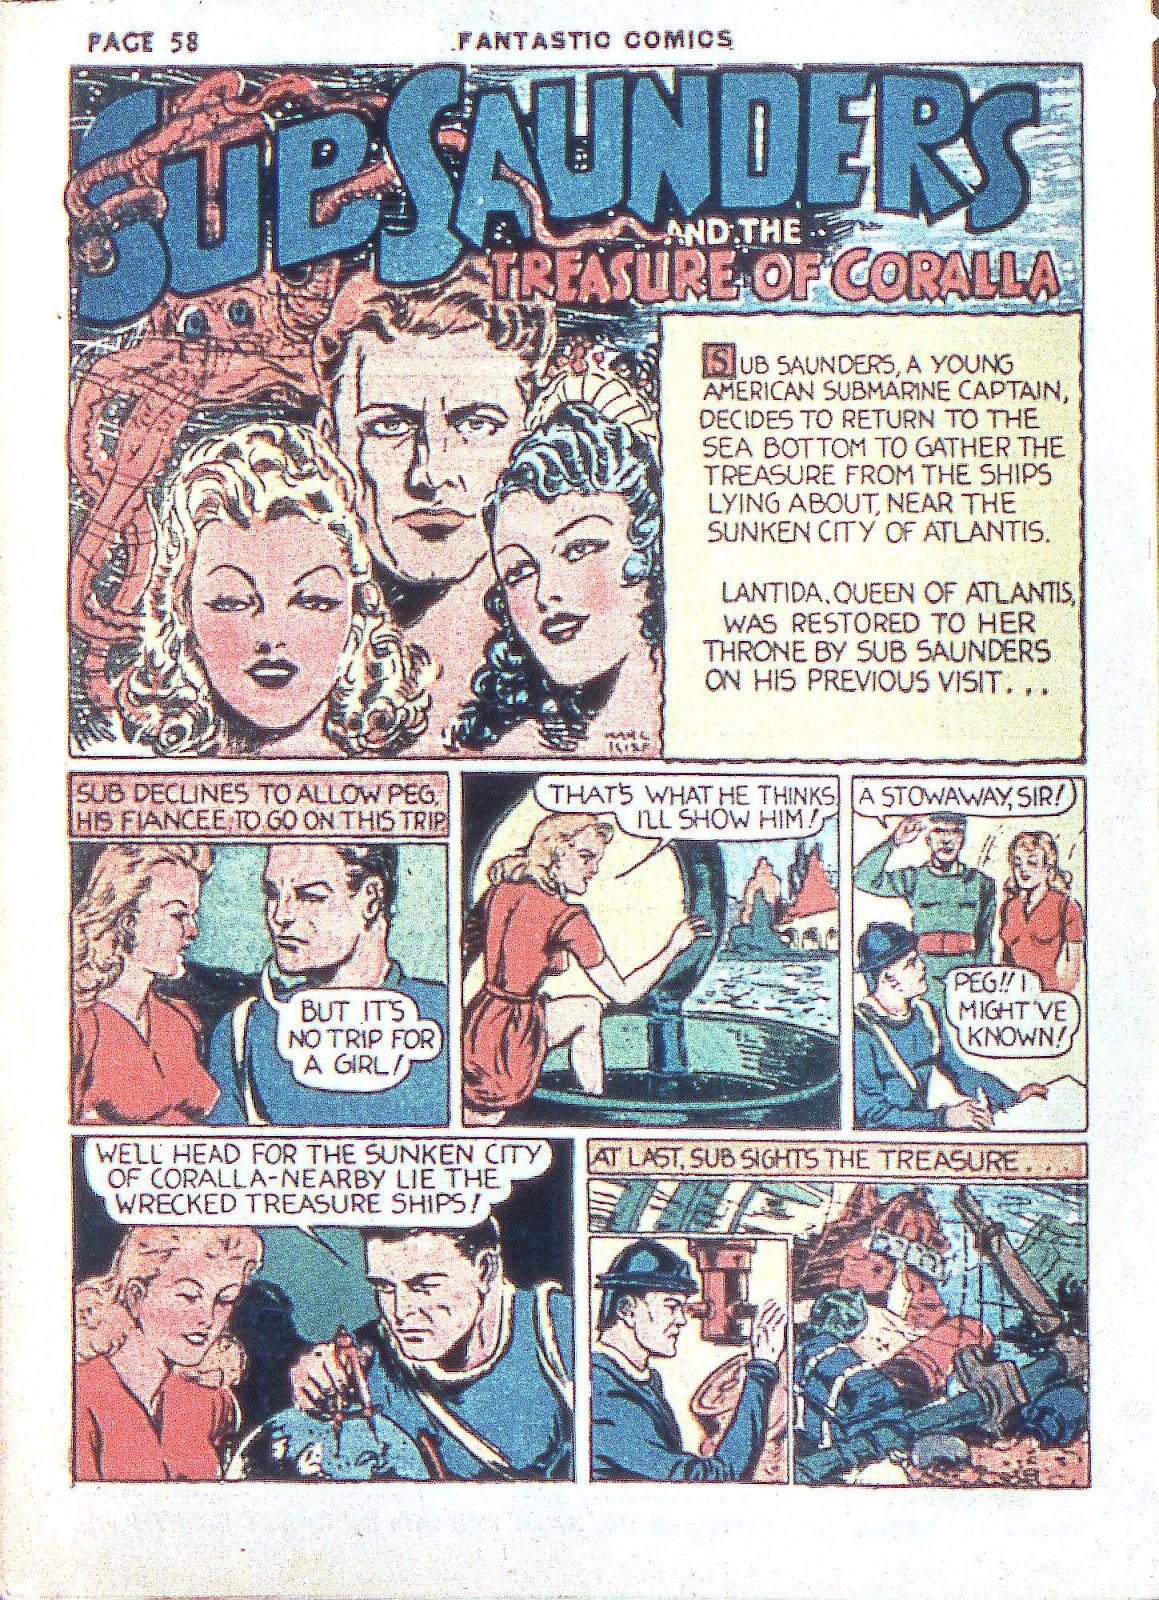 Read online Fantastic Comics comic -  Issue #3 - 60